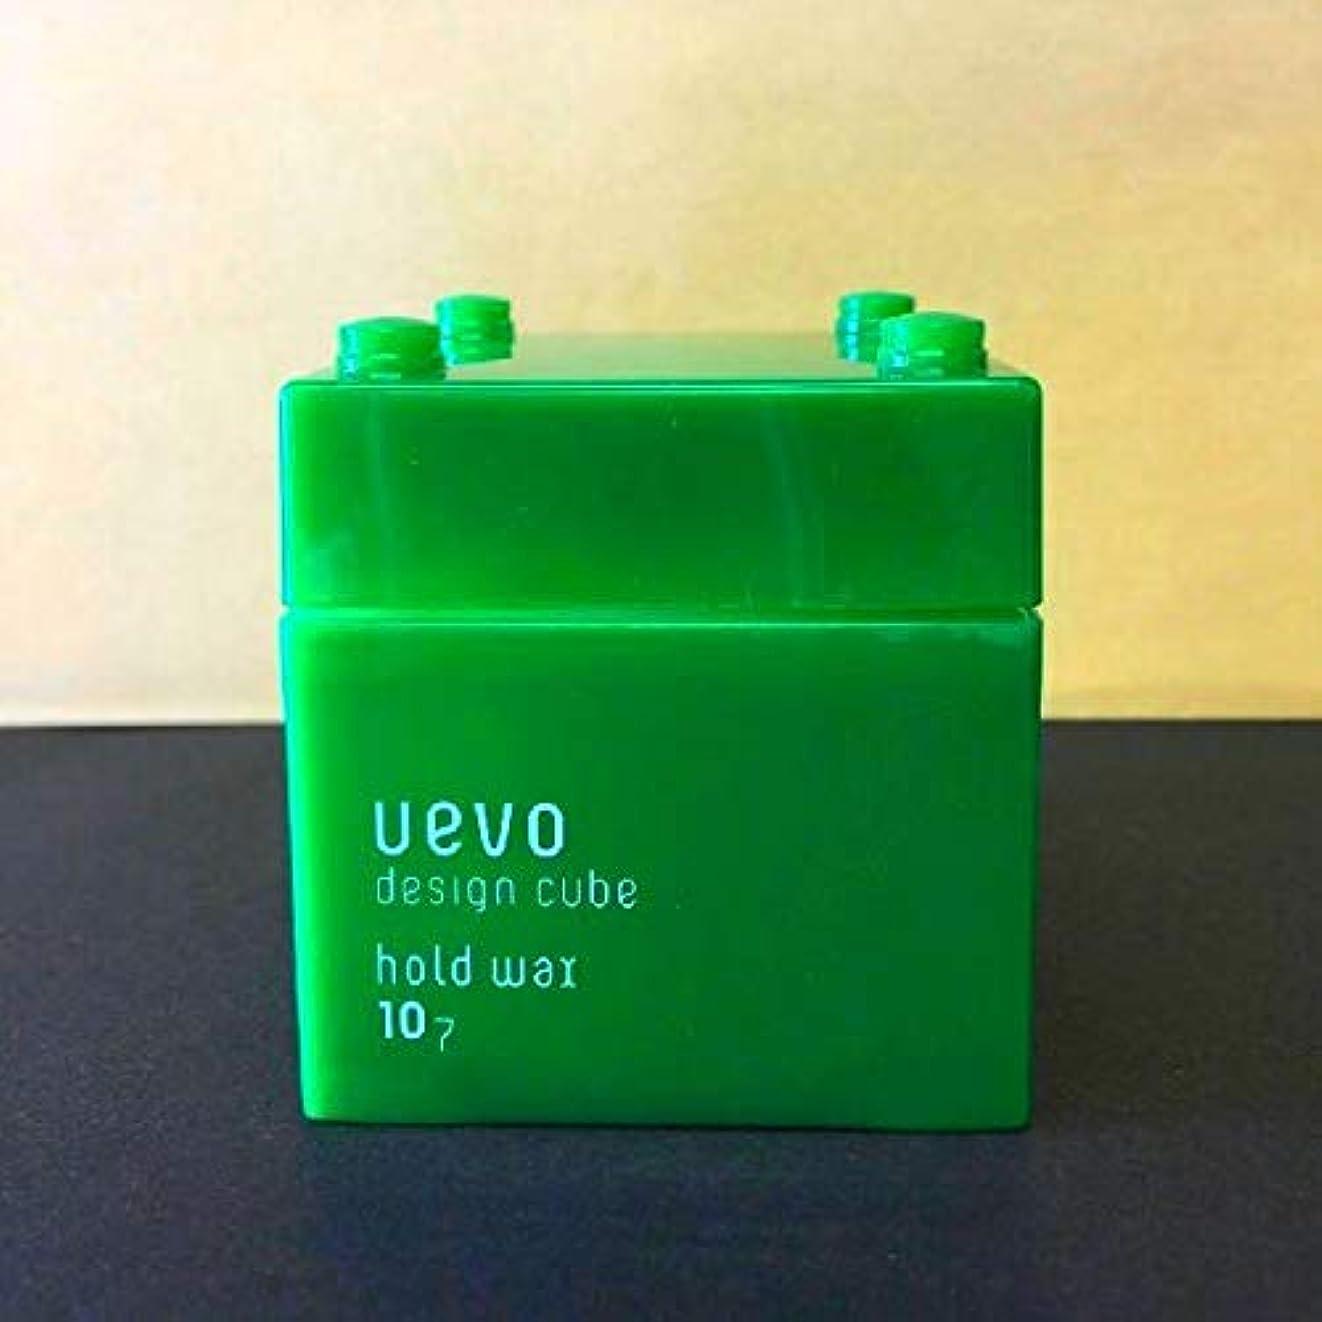 降伏エコー敬な【X3個セット】 デミ ウェーボ デザインキューブ ホールドワックス 80g hold wax DEMI uevo design cube